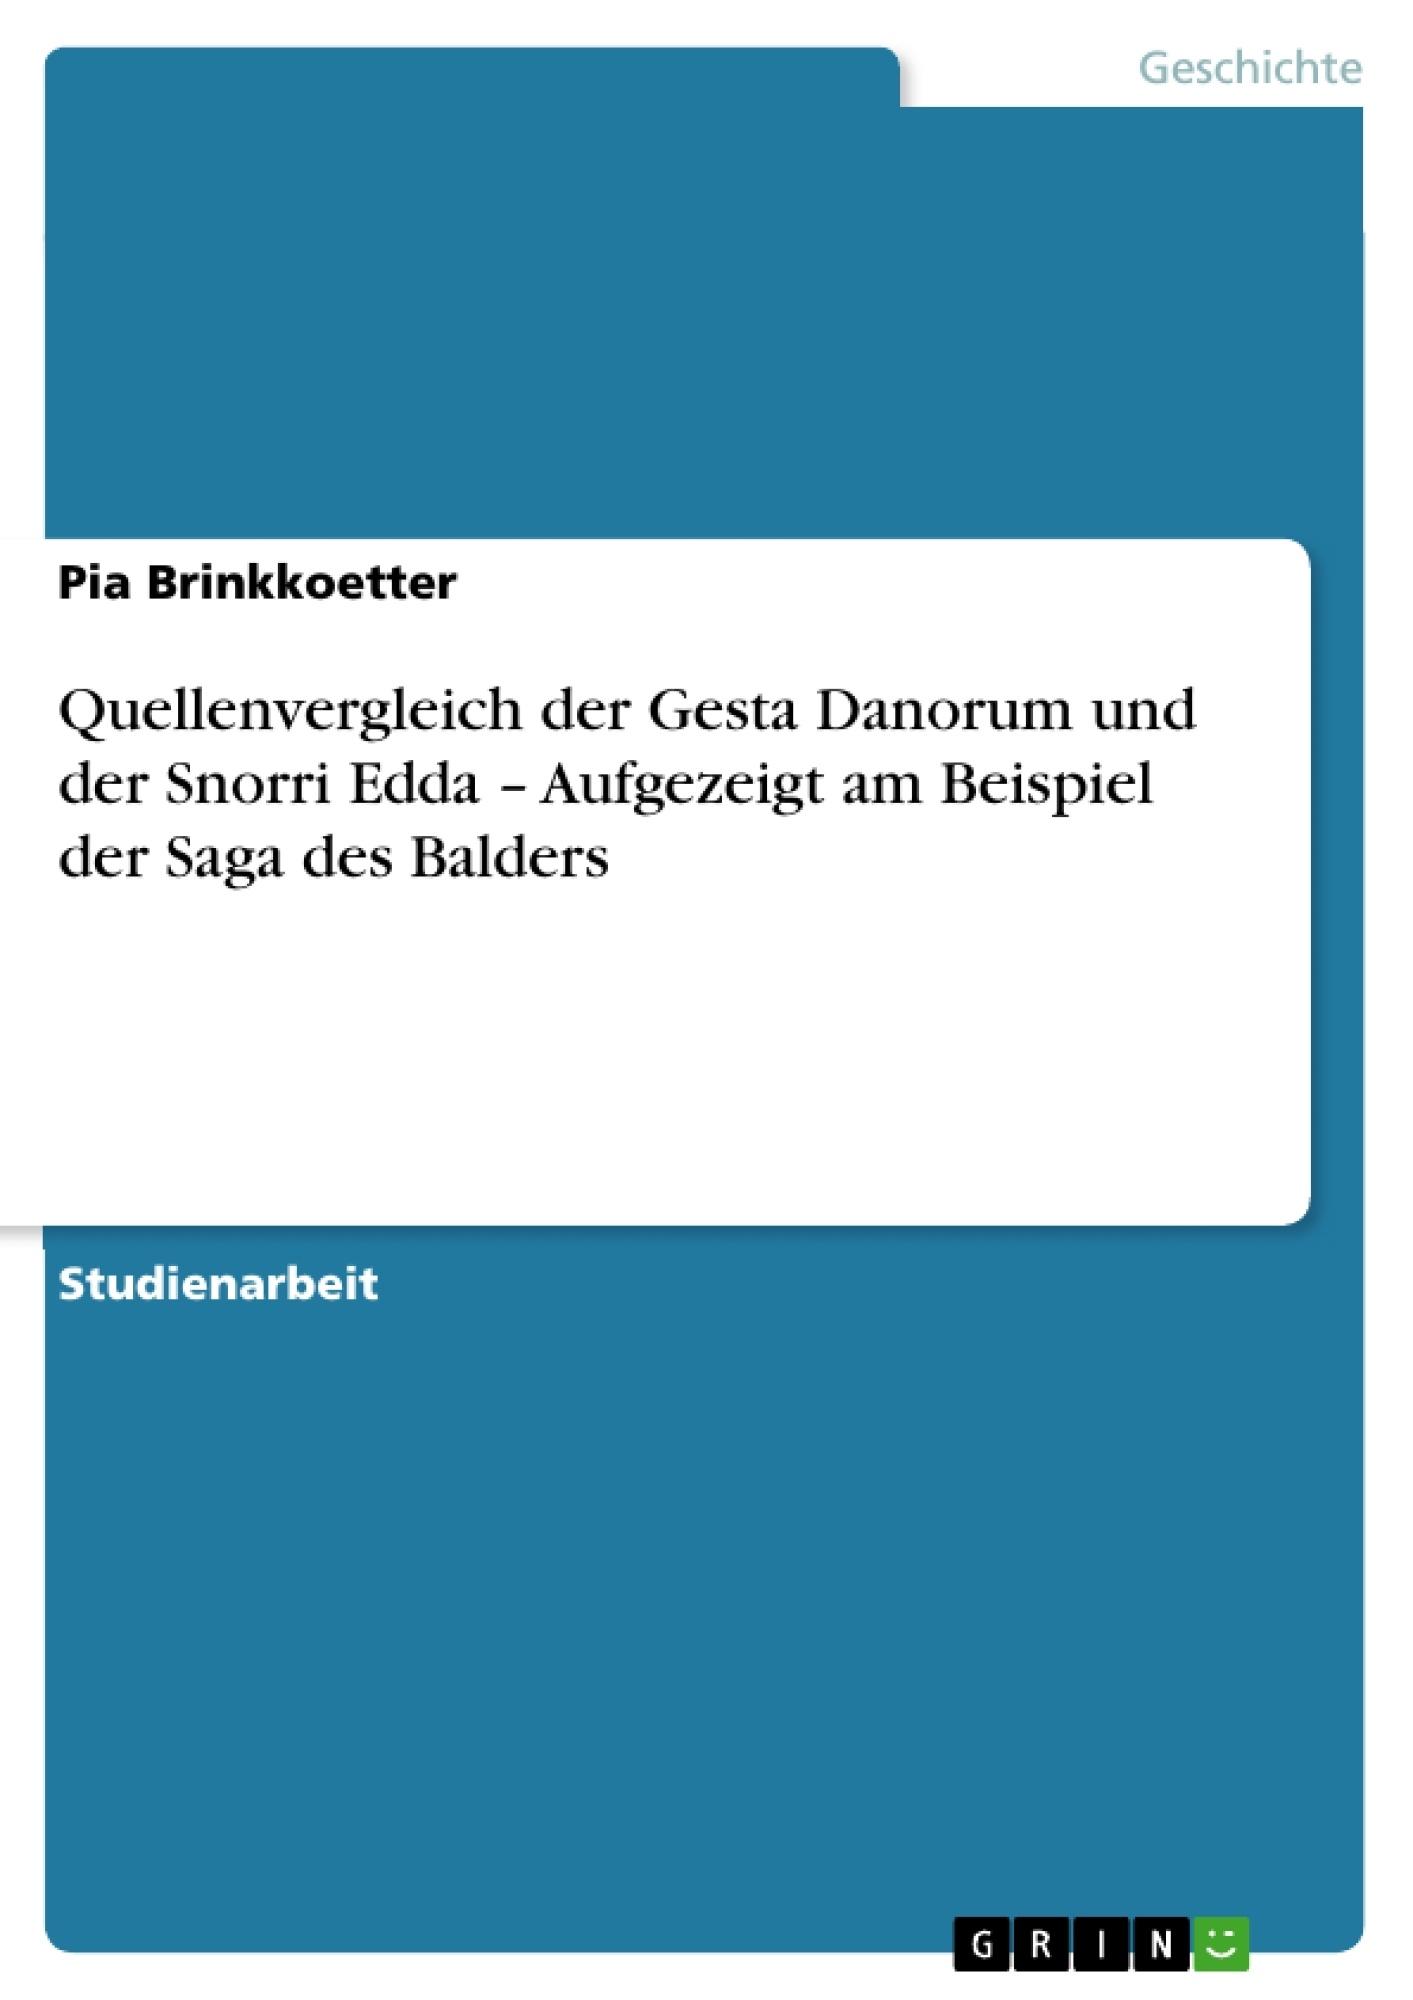 Titel: Quellenvergleich der Gesta Danorum und der Snorri Edda – Aufgezeigt am Beispiel der Saga des Balders